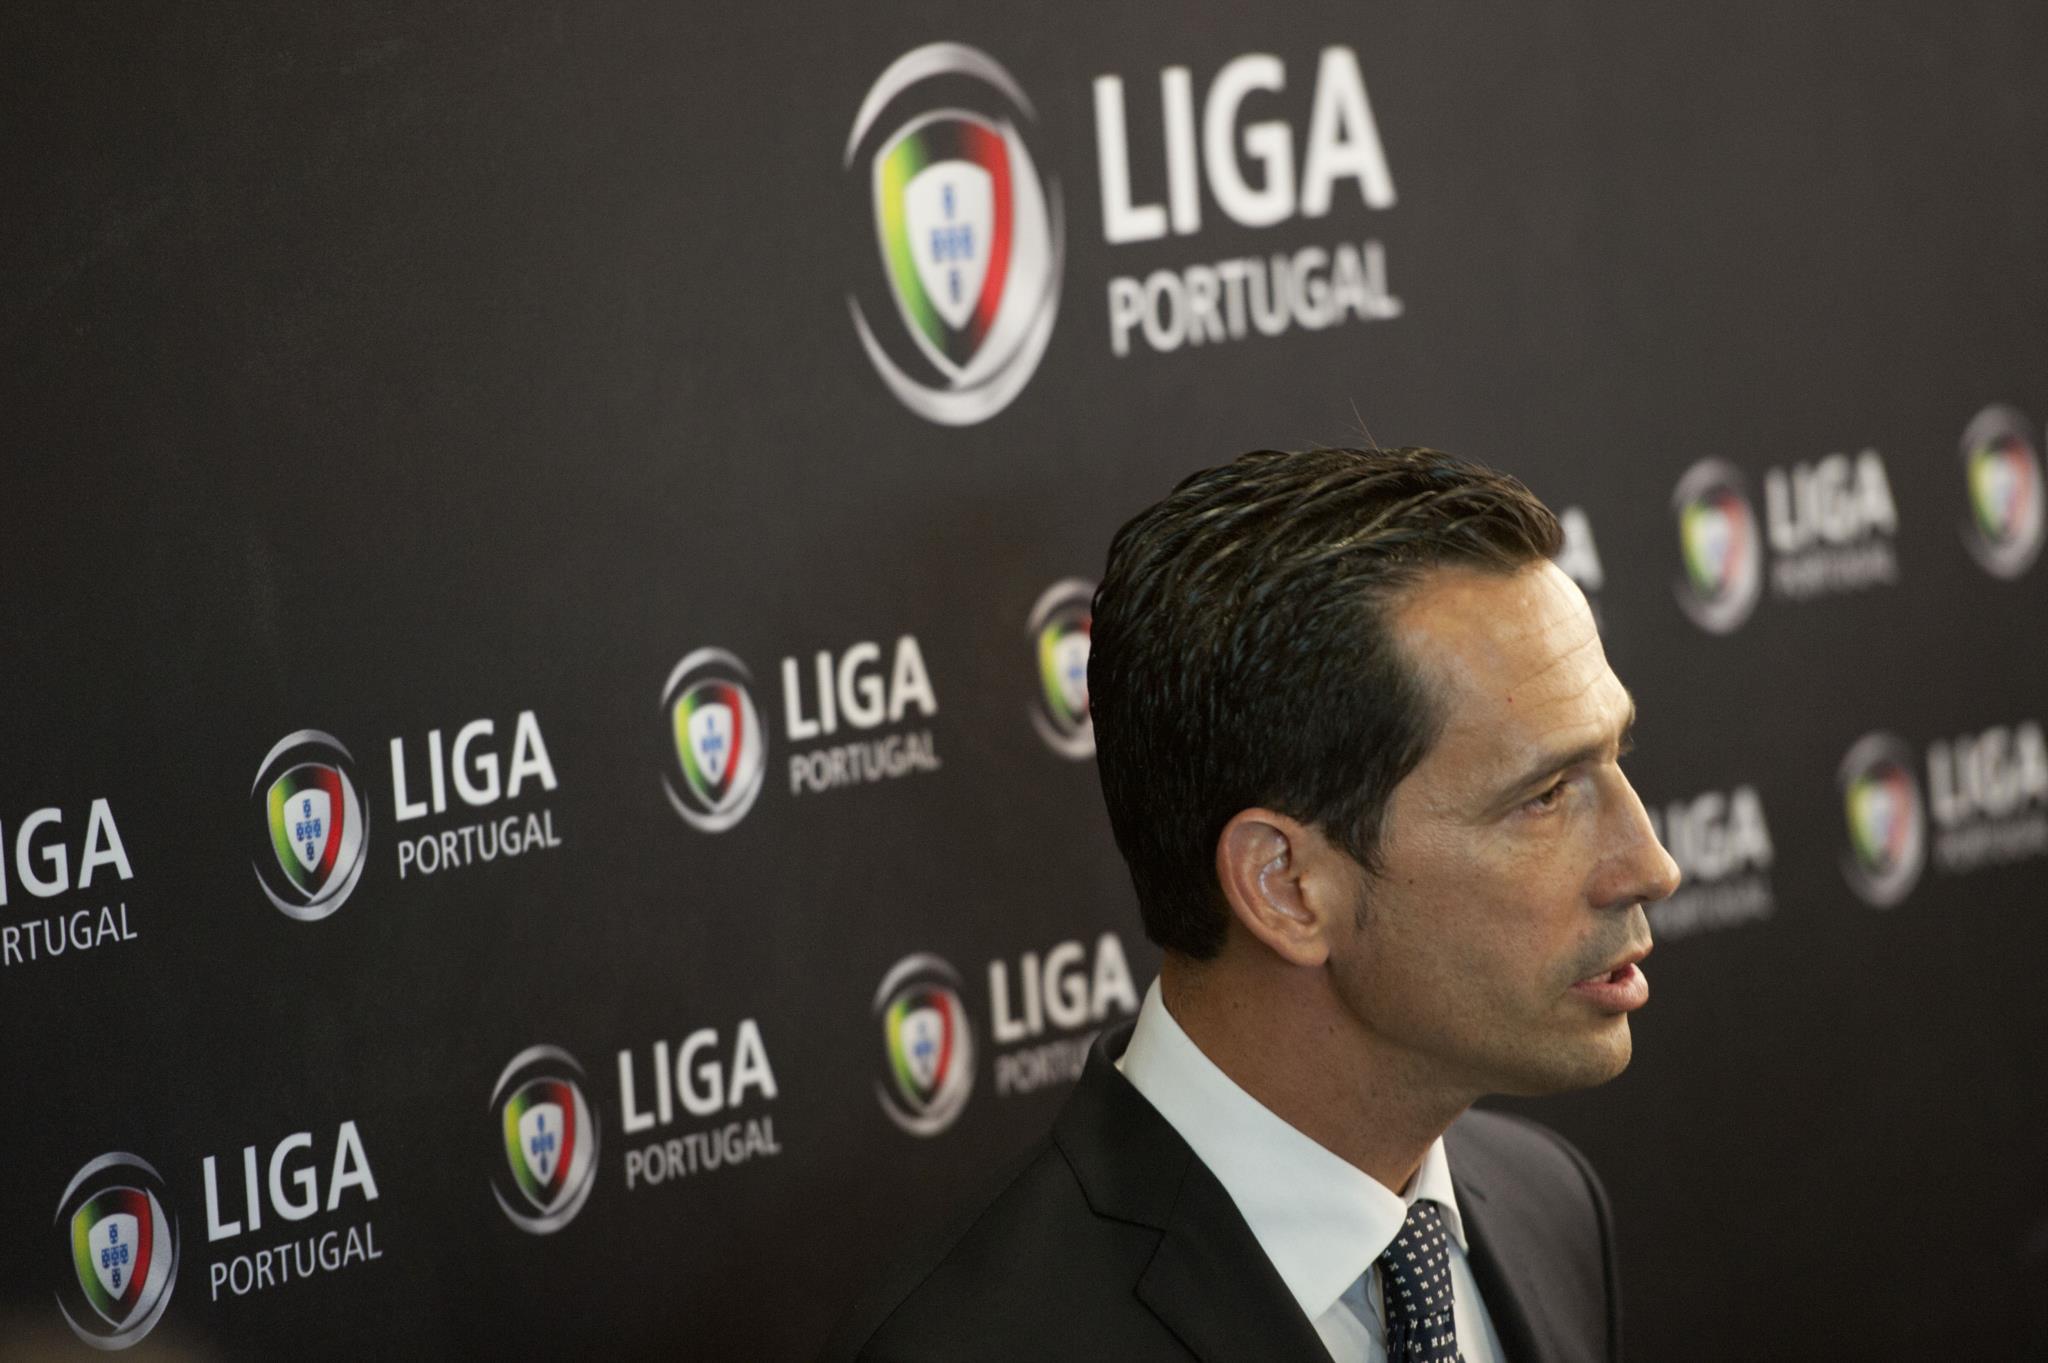 PÚBLICO - Jogos da I Liga terão árbitros da primeira categoria como videoárbitro